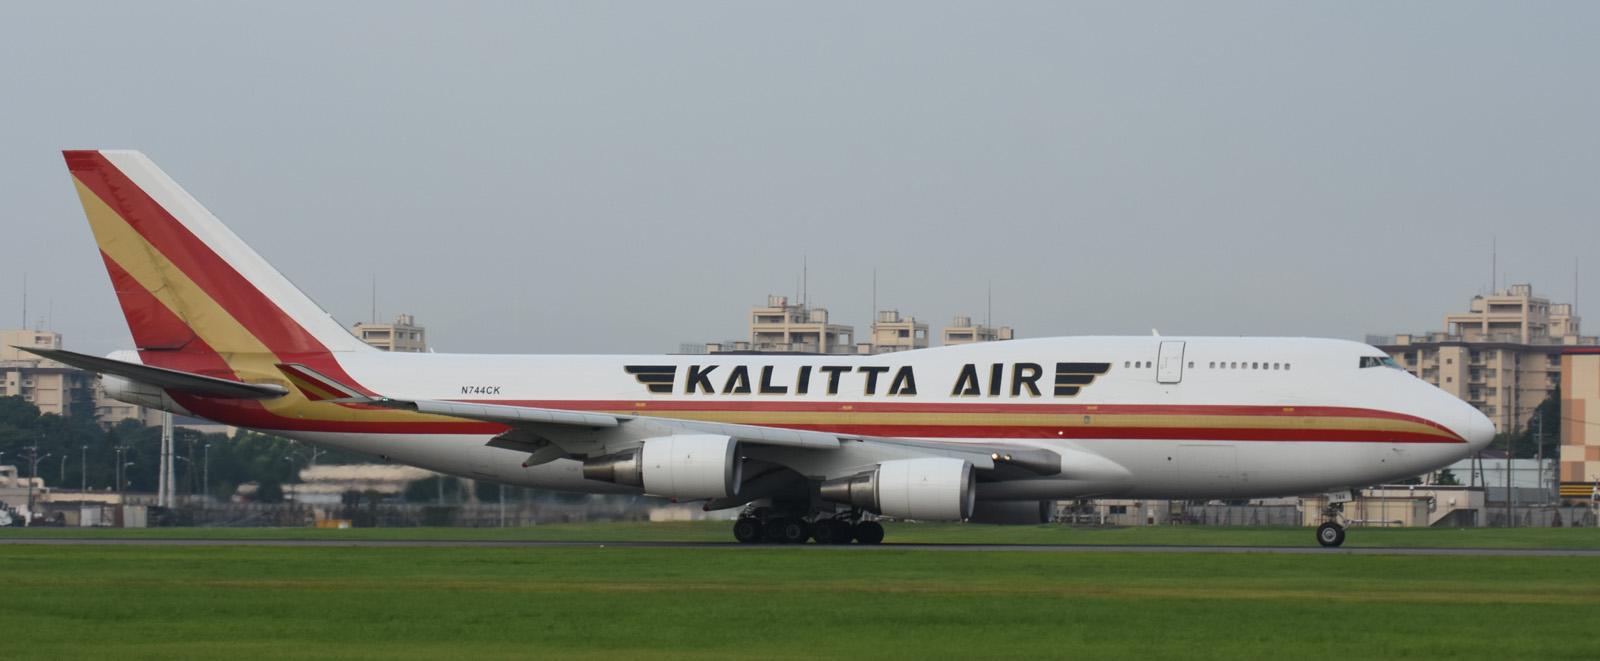 Kalitta170829g251